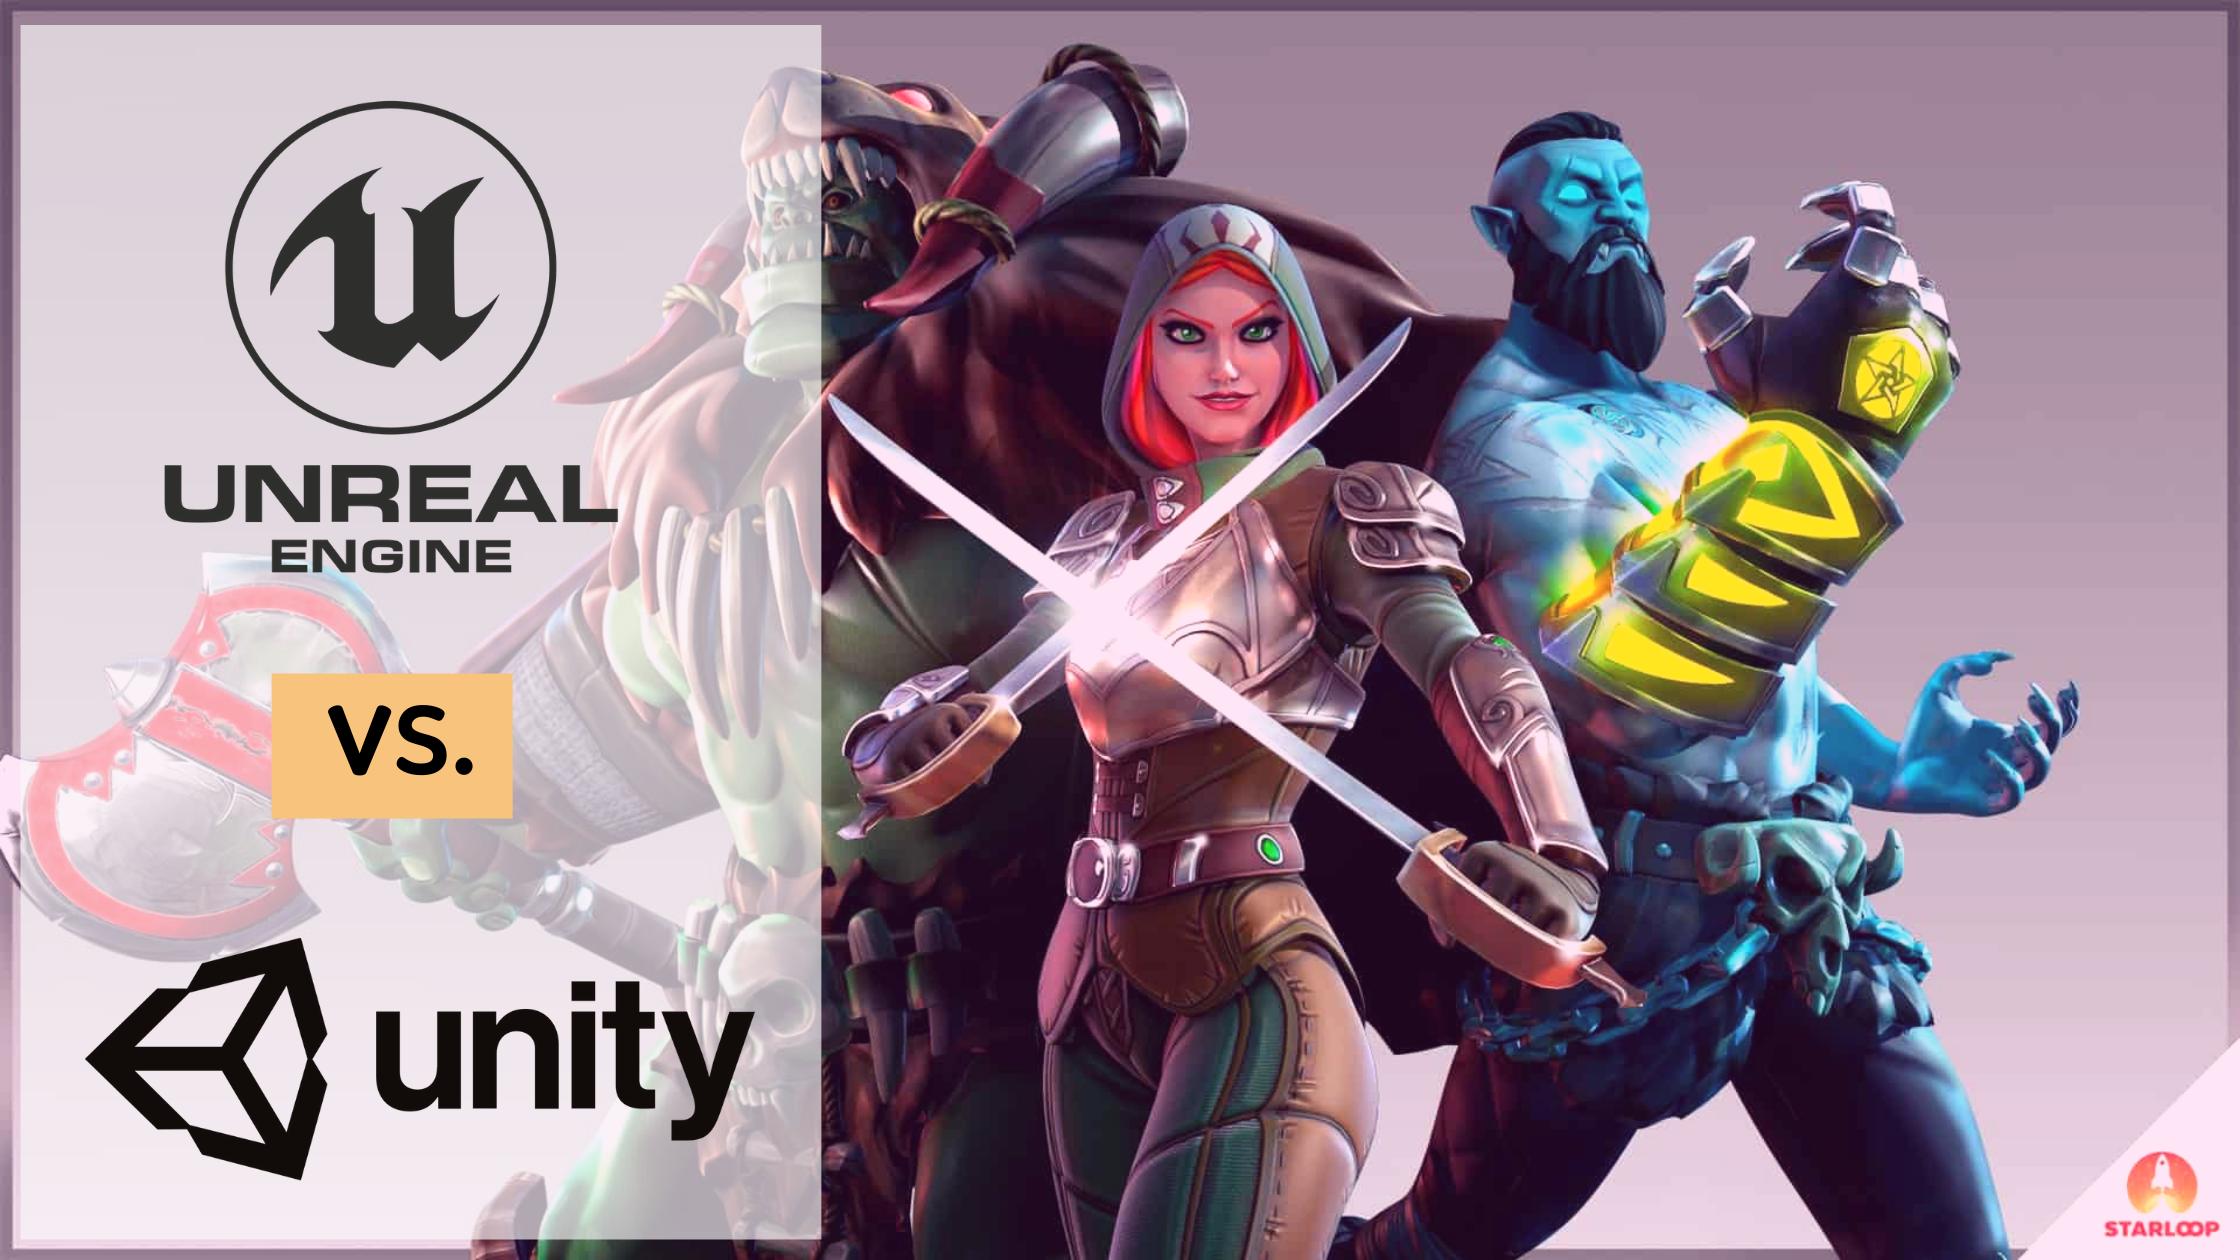 Unreal vs. Unity 3D